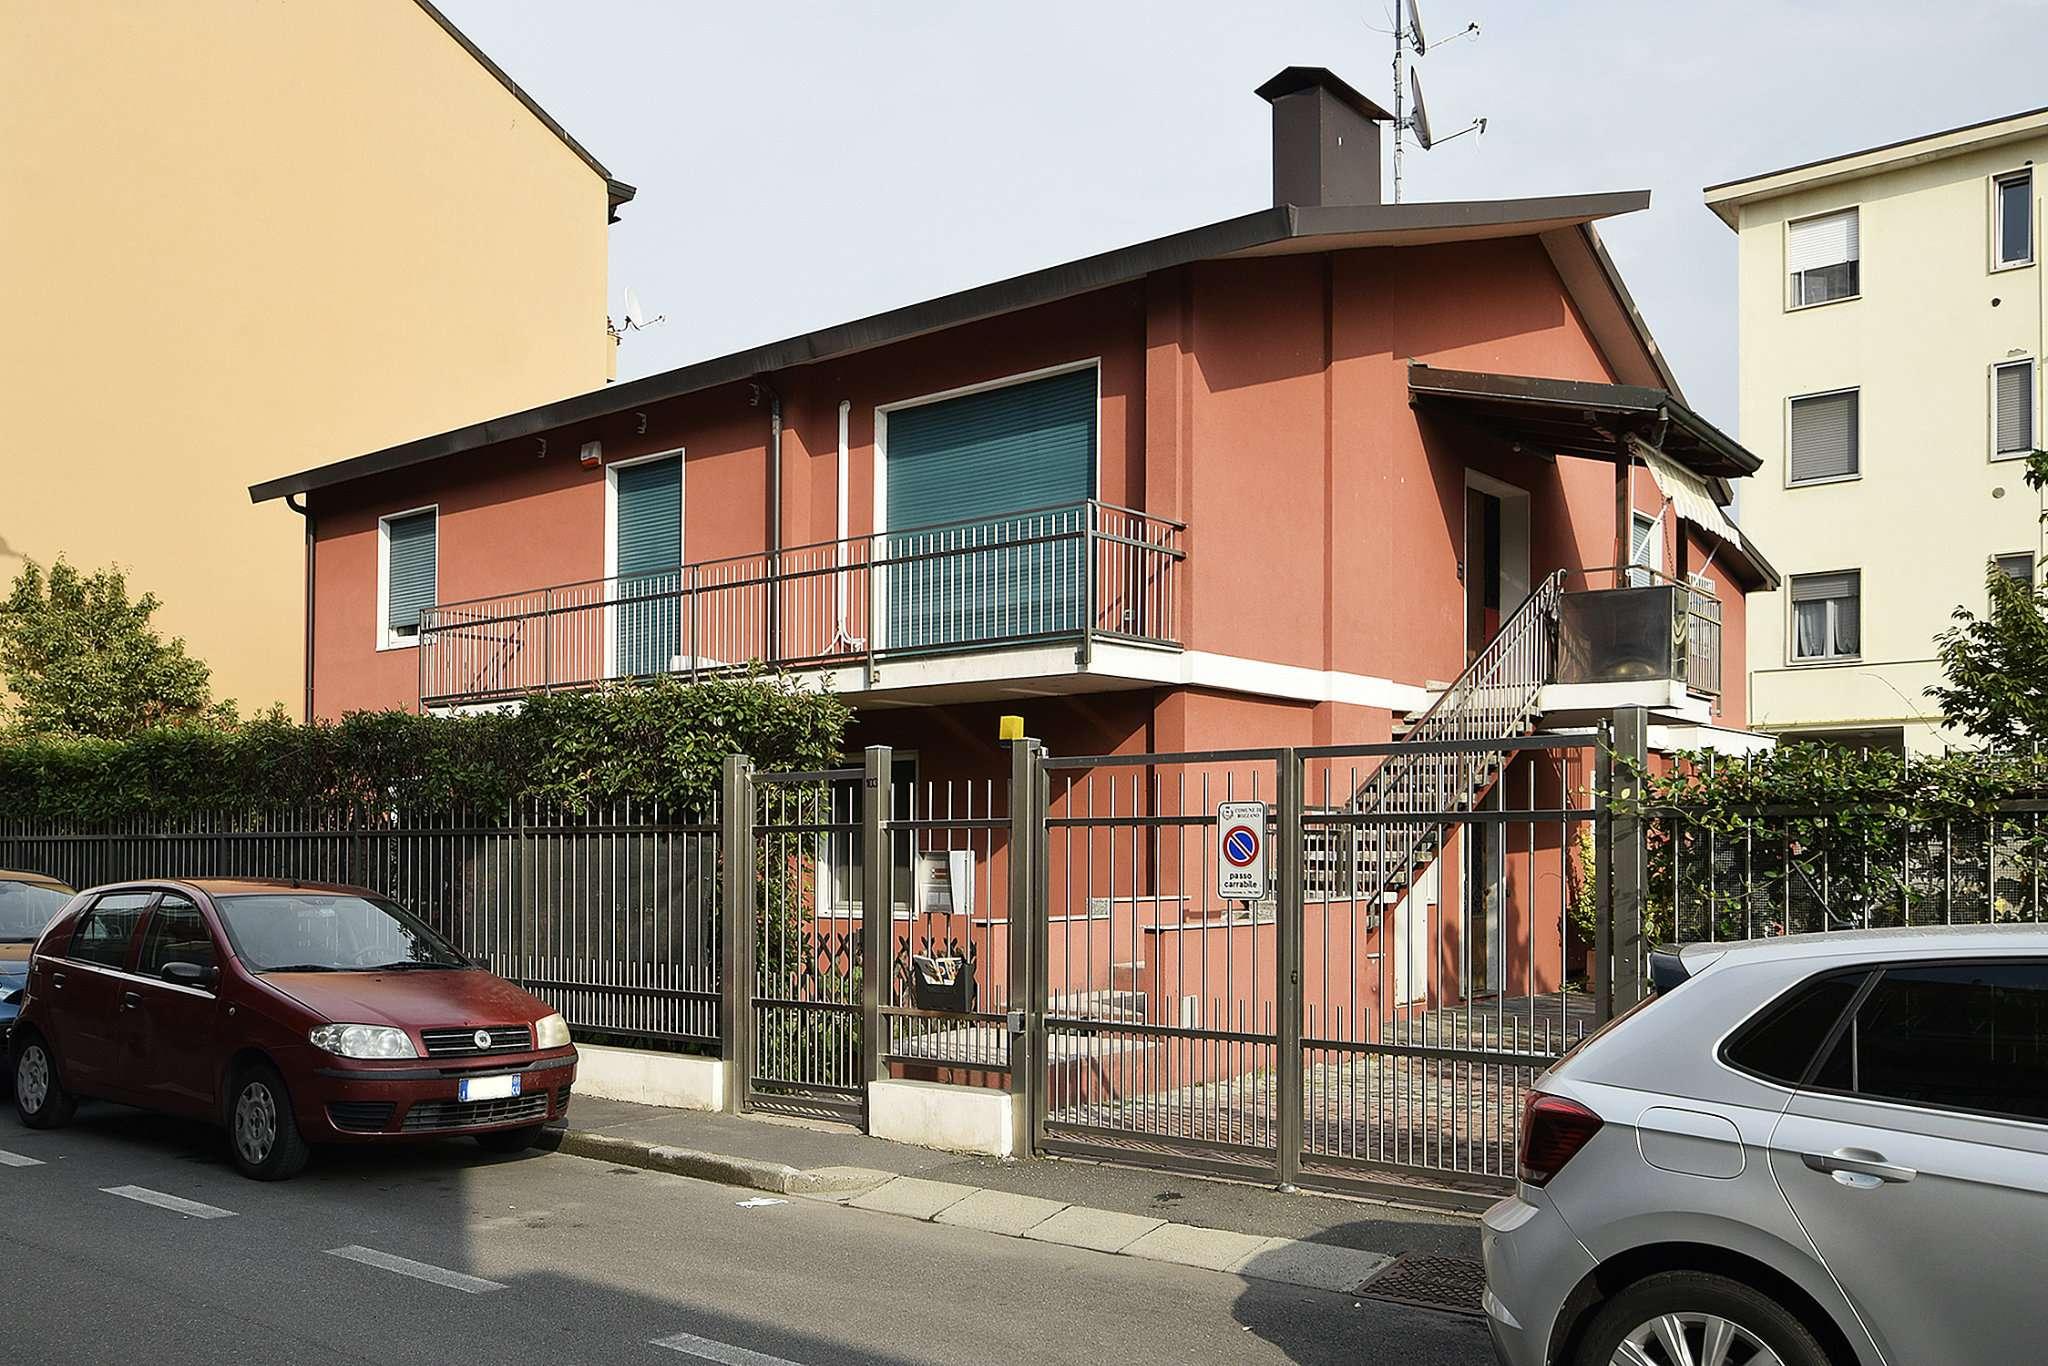 Appartamento in vendita a Rozzano, 4 locali, prezzo € 335.000 | CambioCasa.it